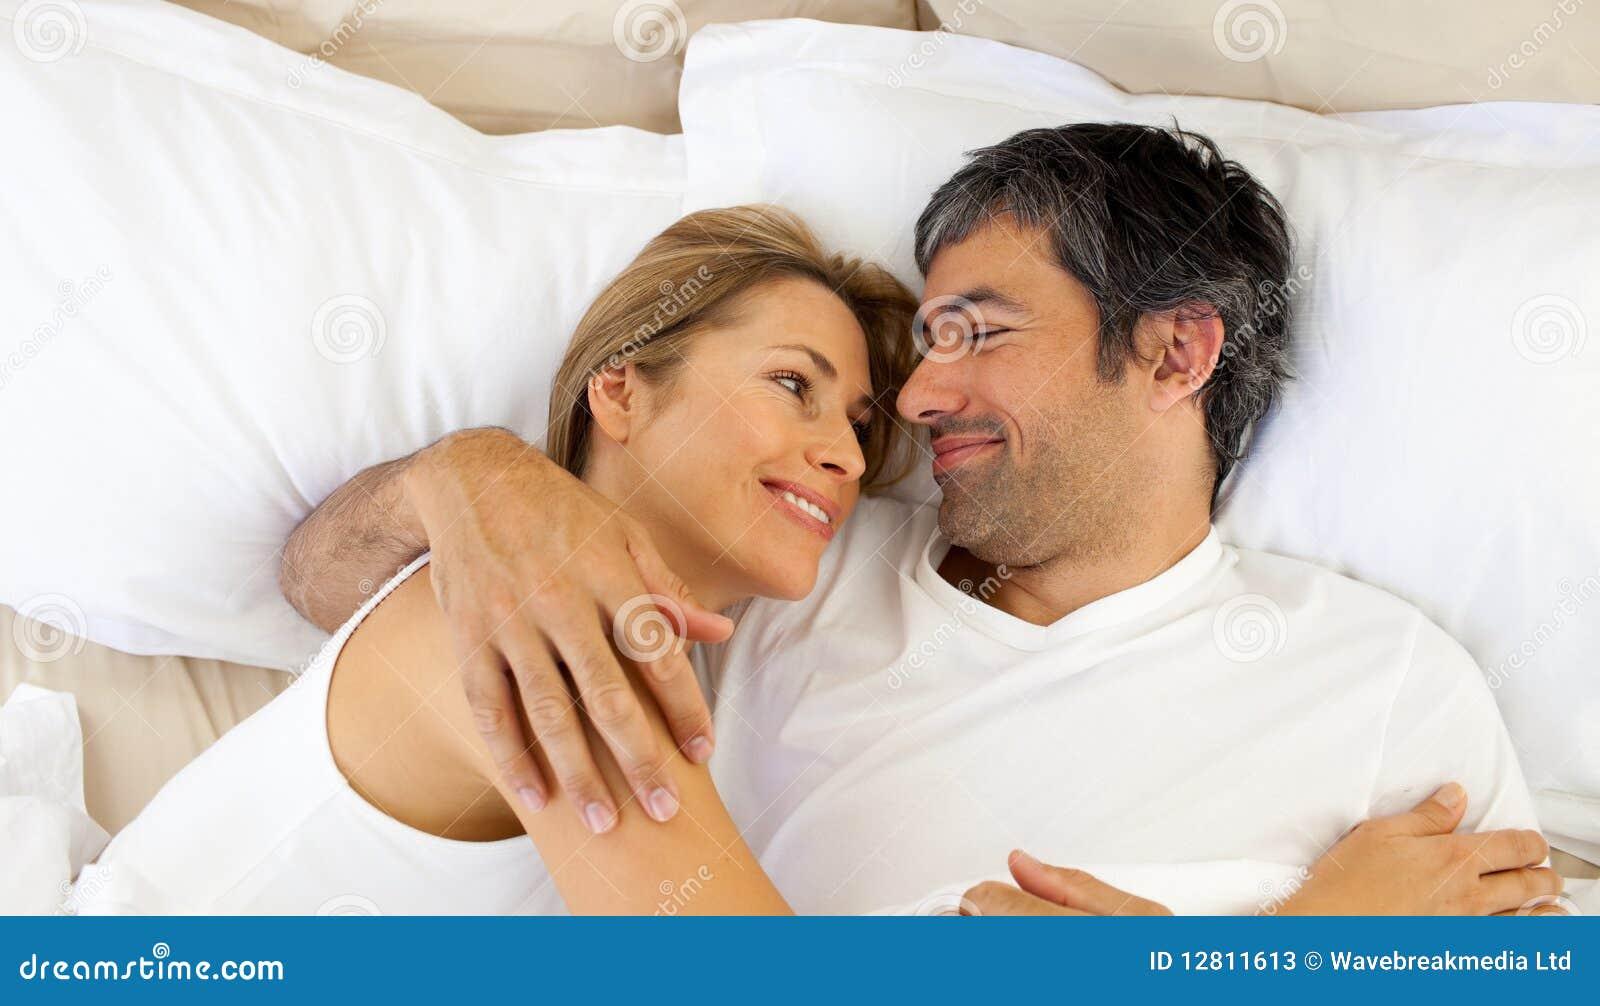 Как сделать чтобы любовник